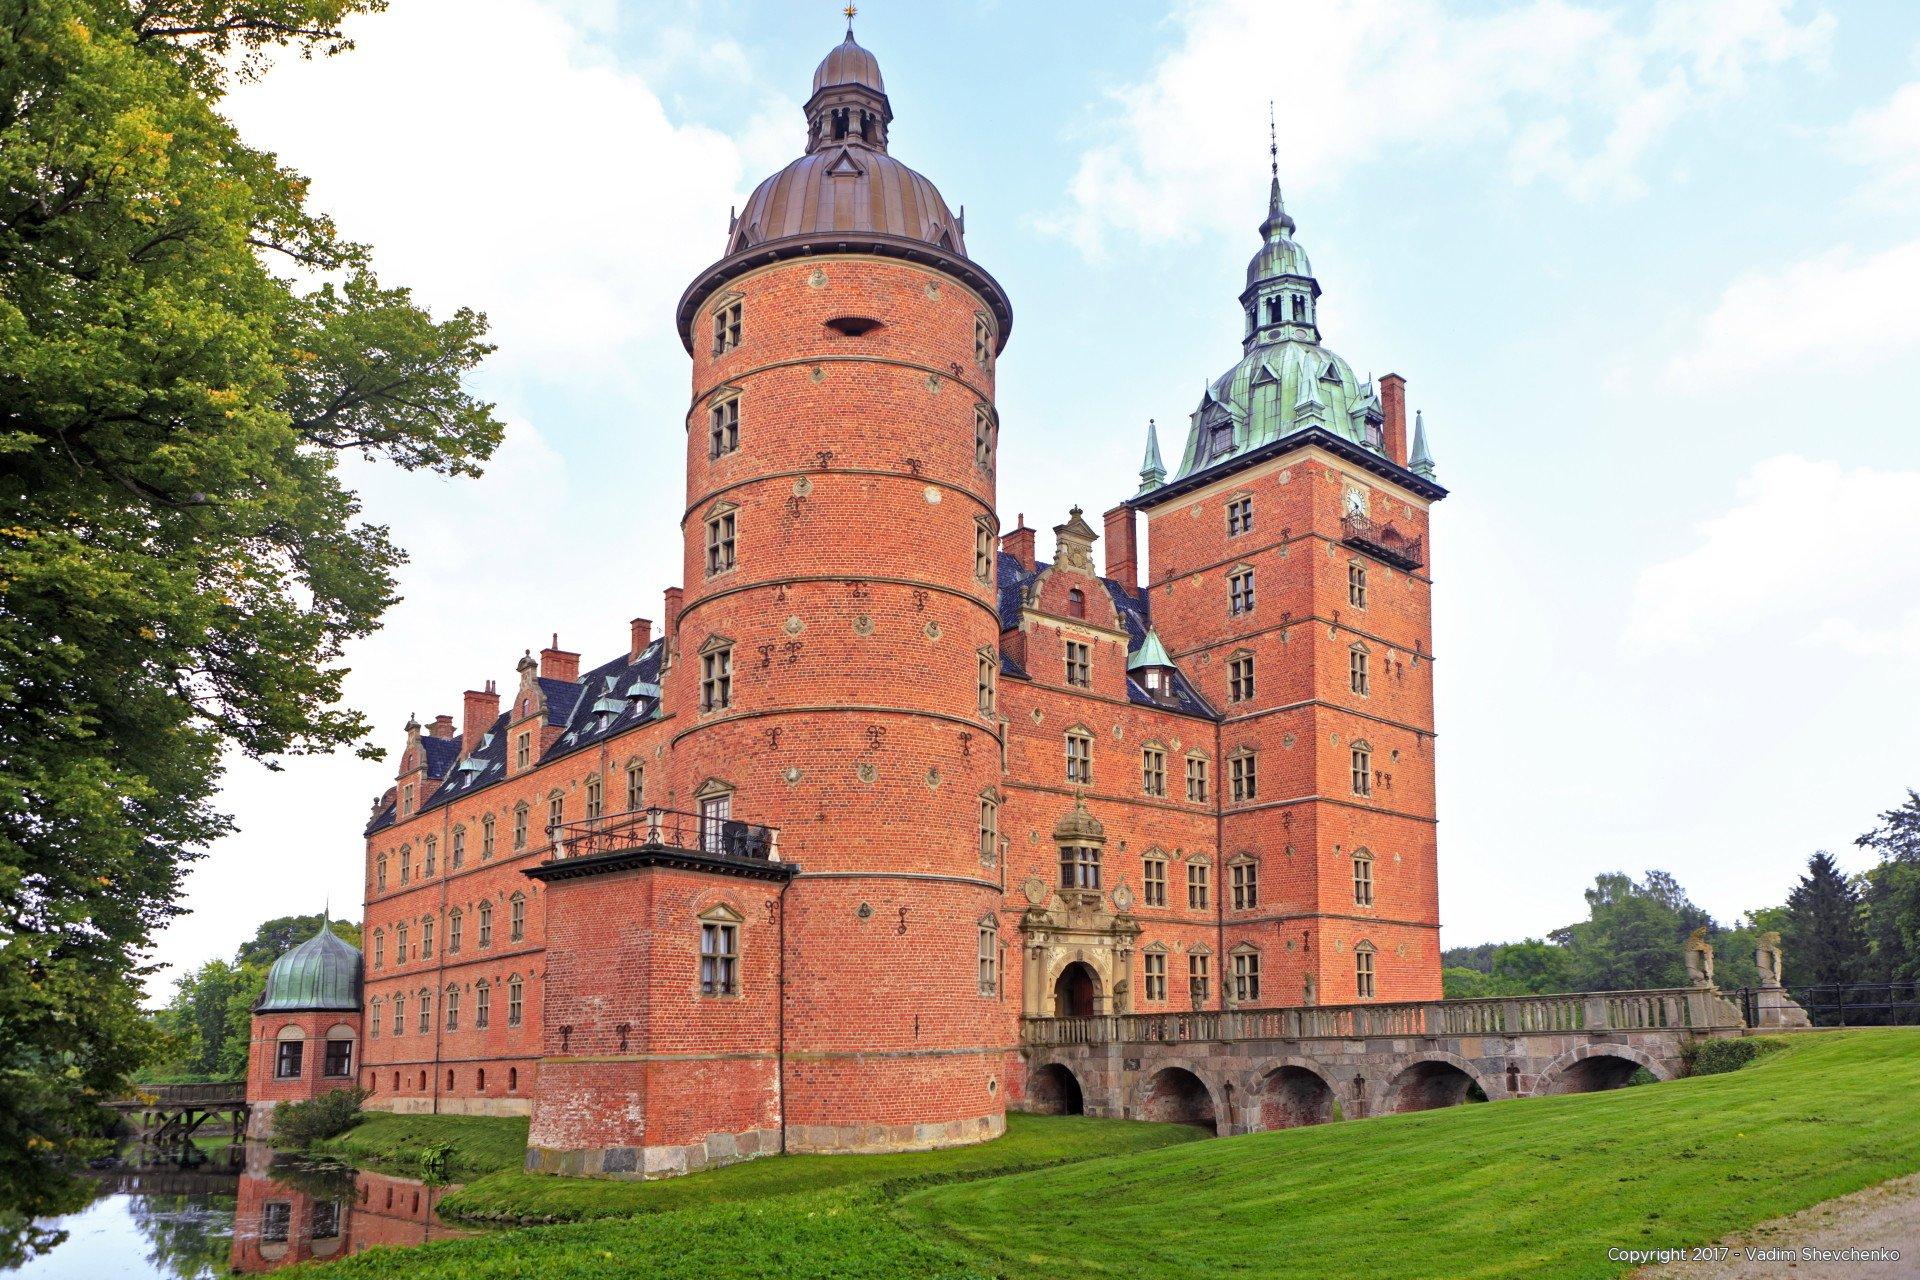 Bildresultat för Vallø castle